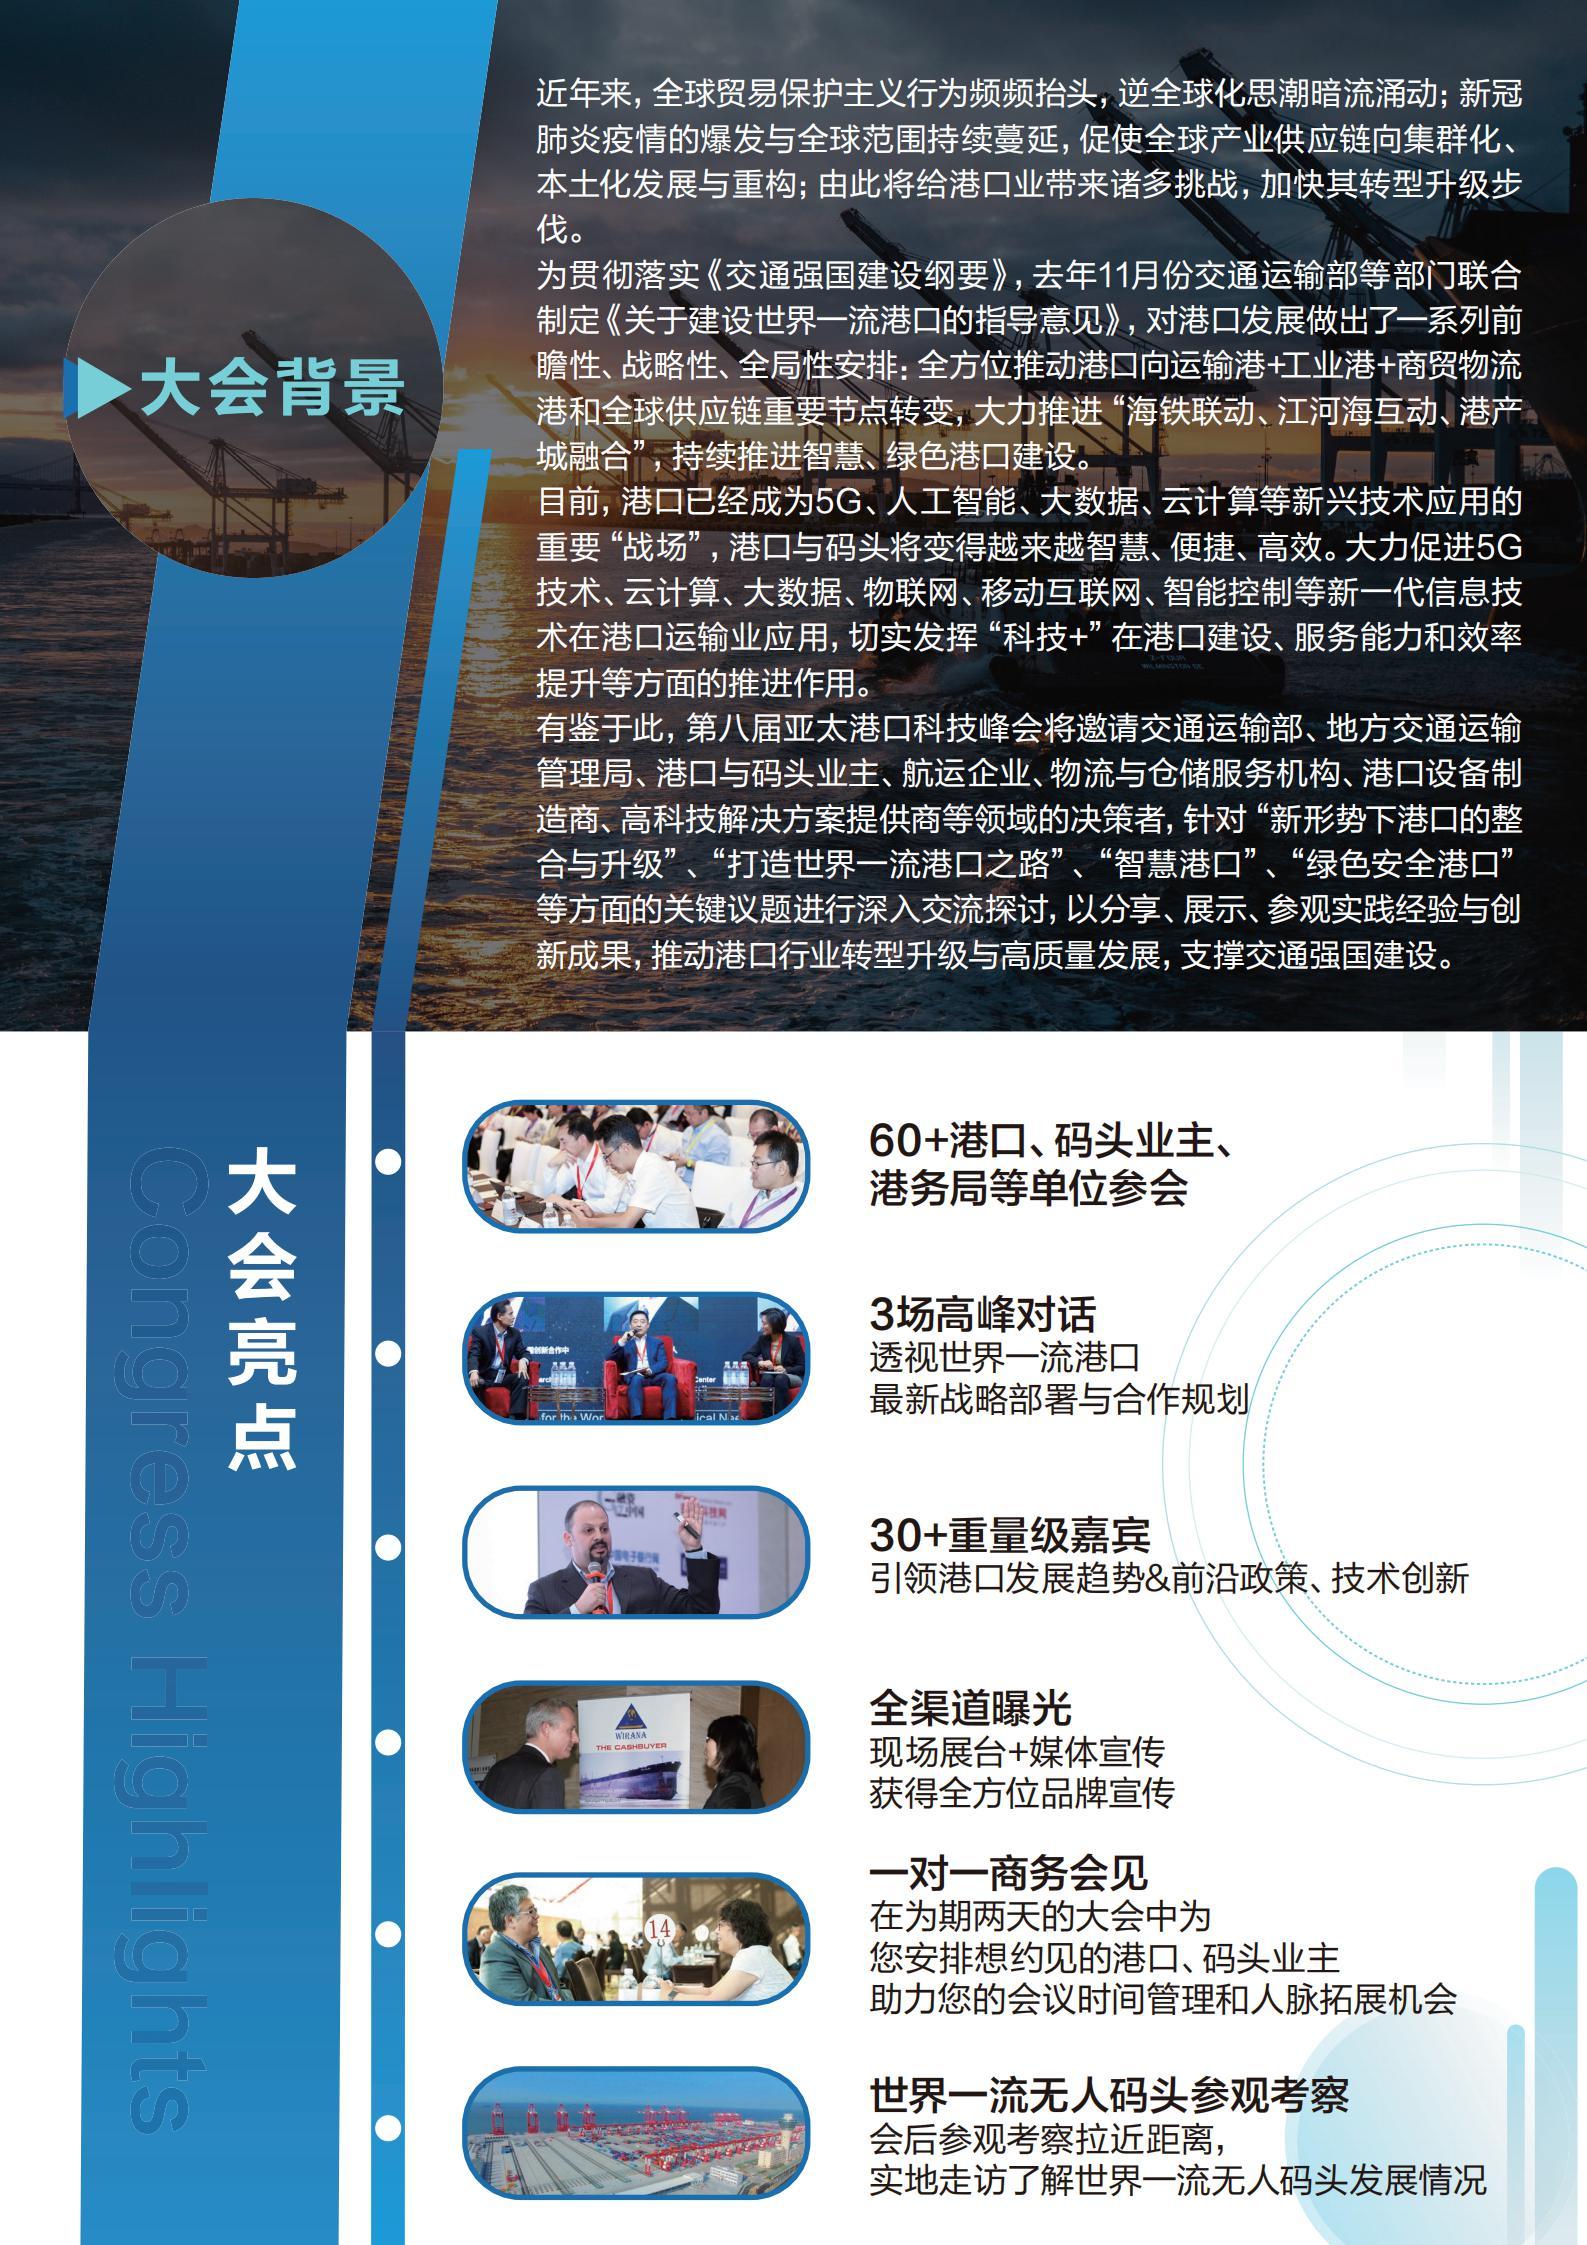 第八届亚太港口科技国际峰会